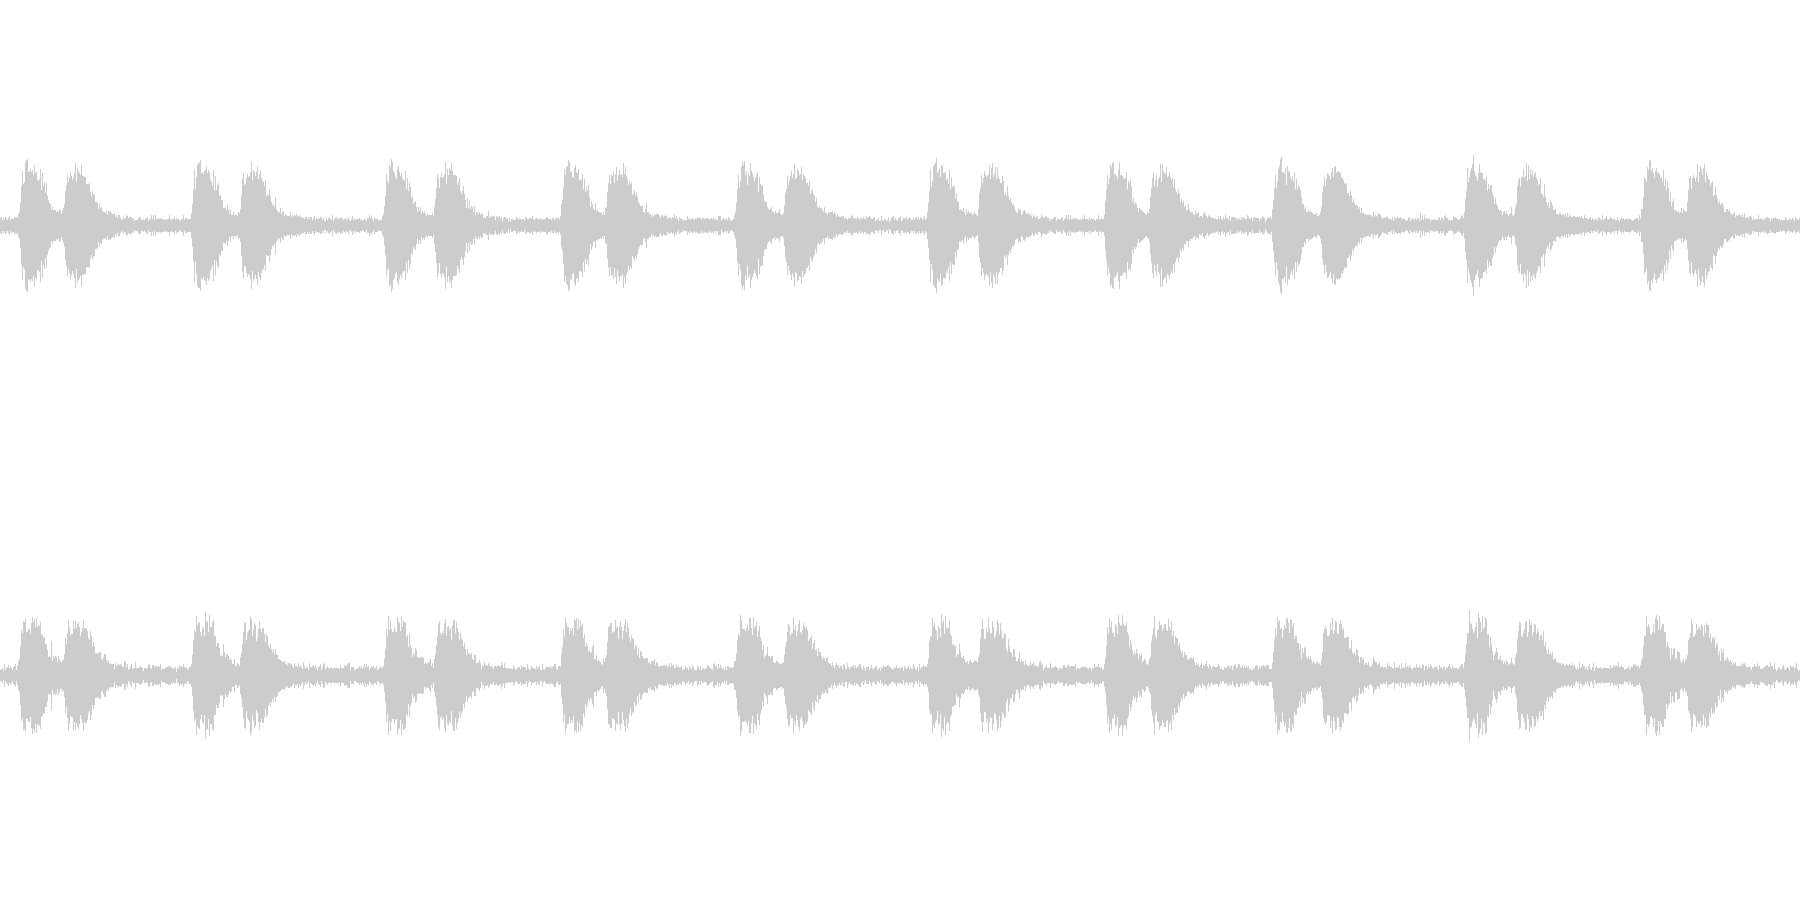 【カラス 生録 環境01-4】の未再生の波形